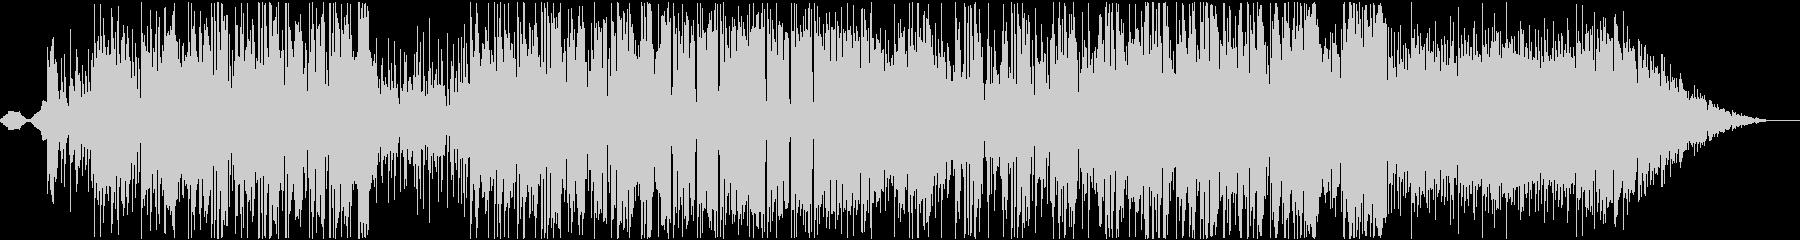 SAXの音がかっこいいファンクポップの未再生の波形